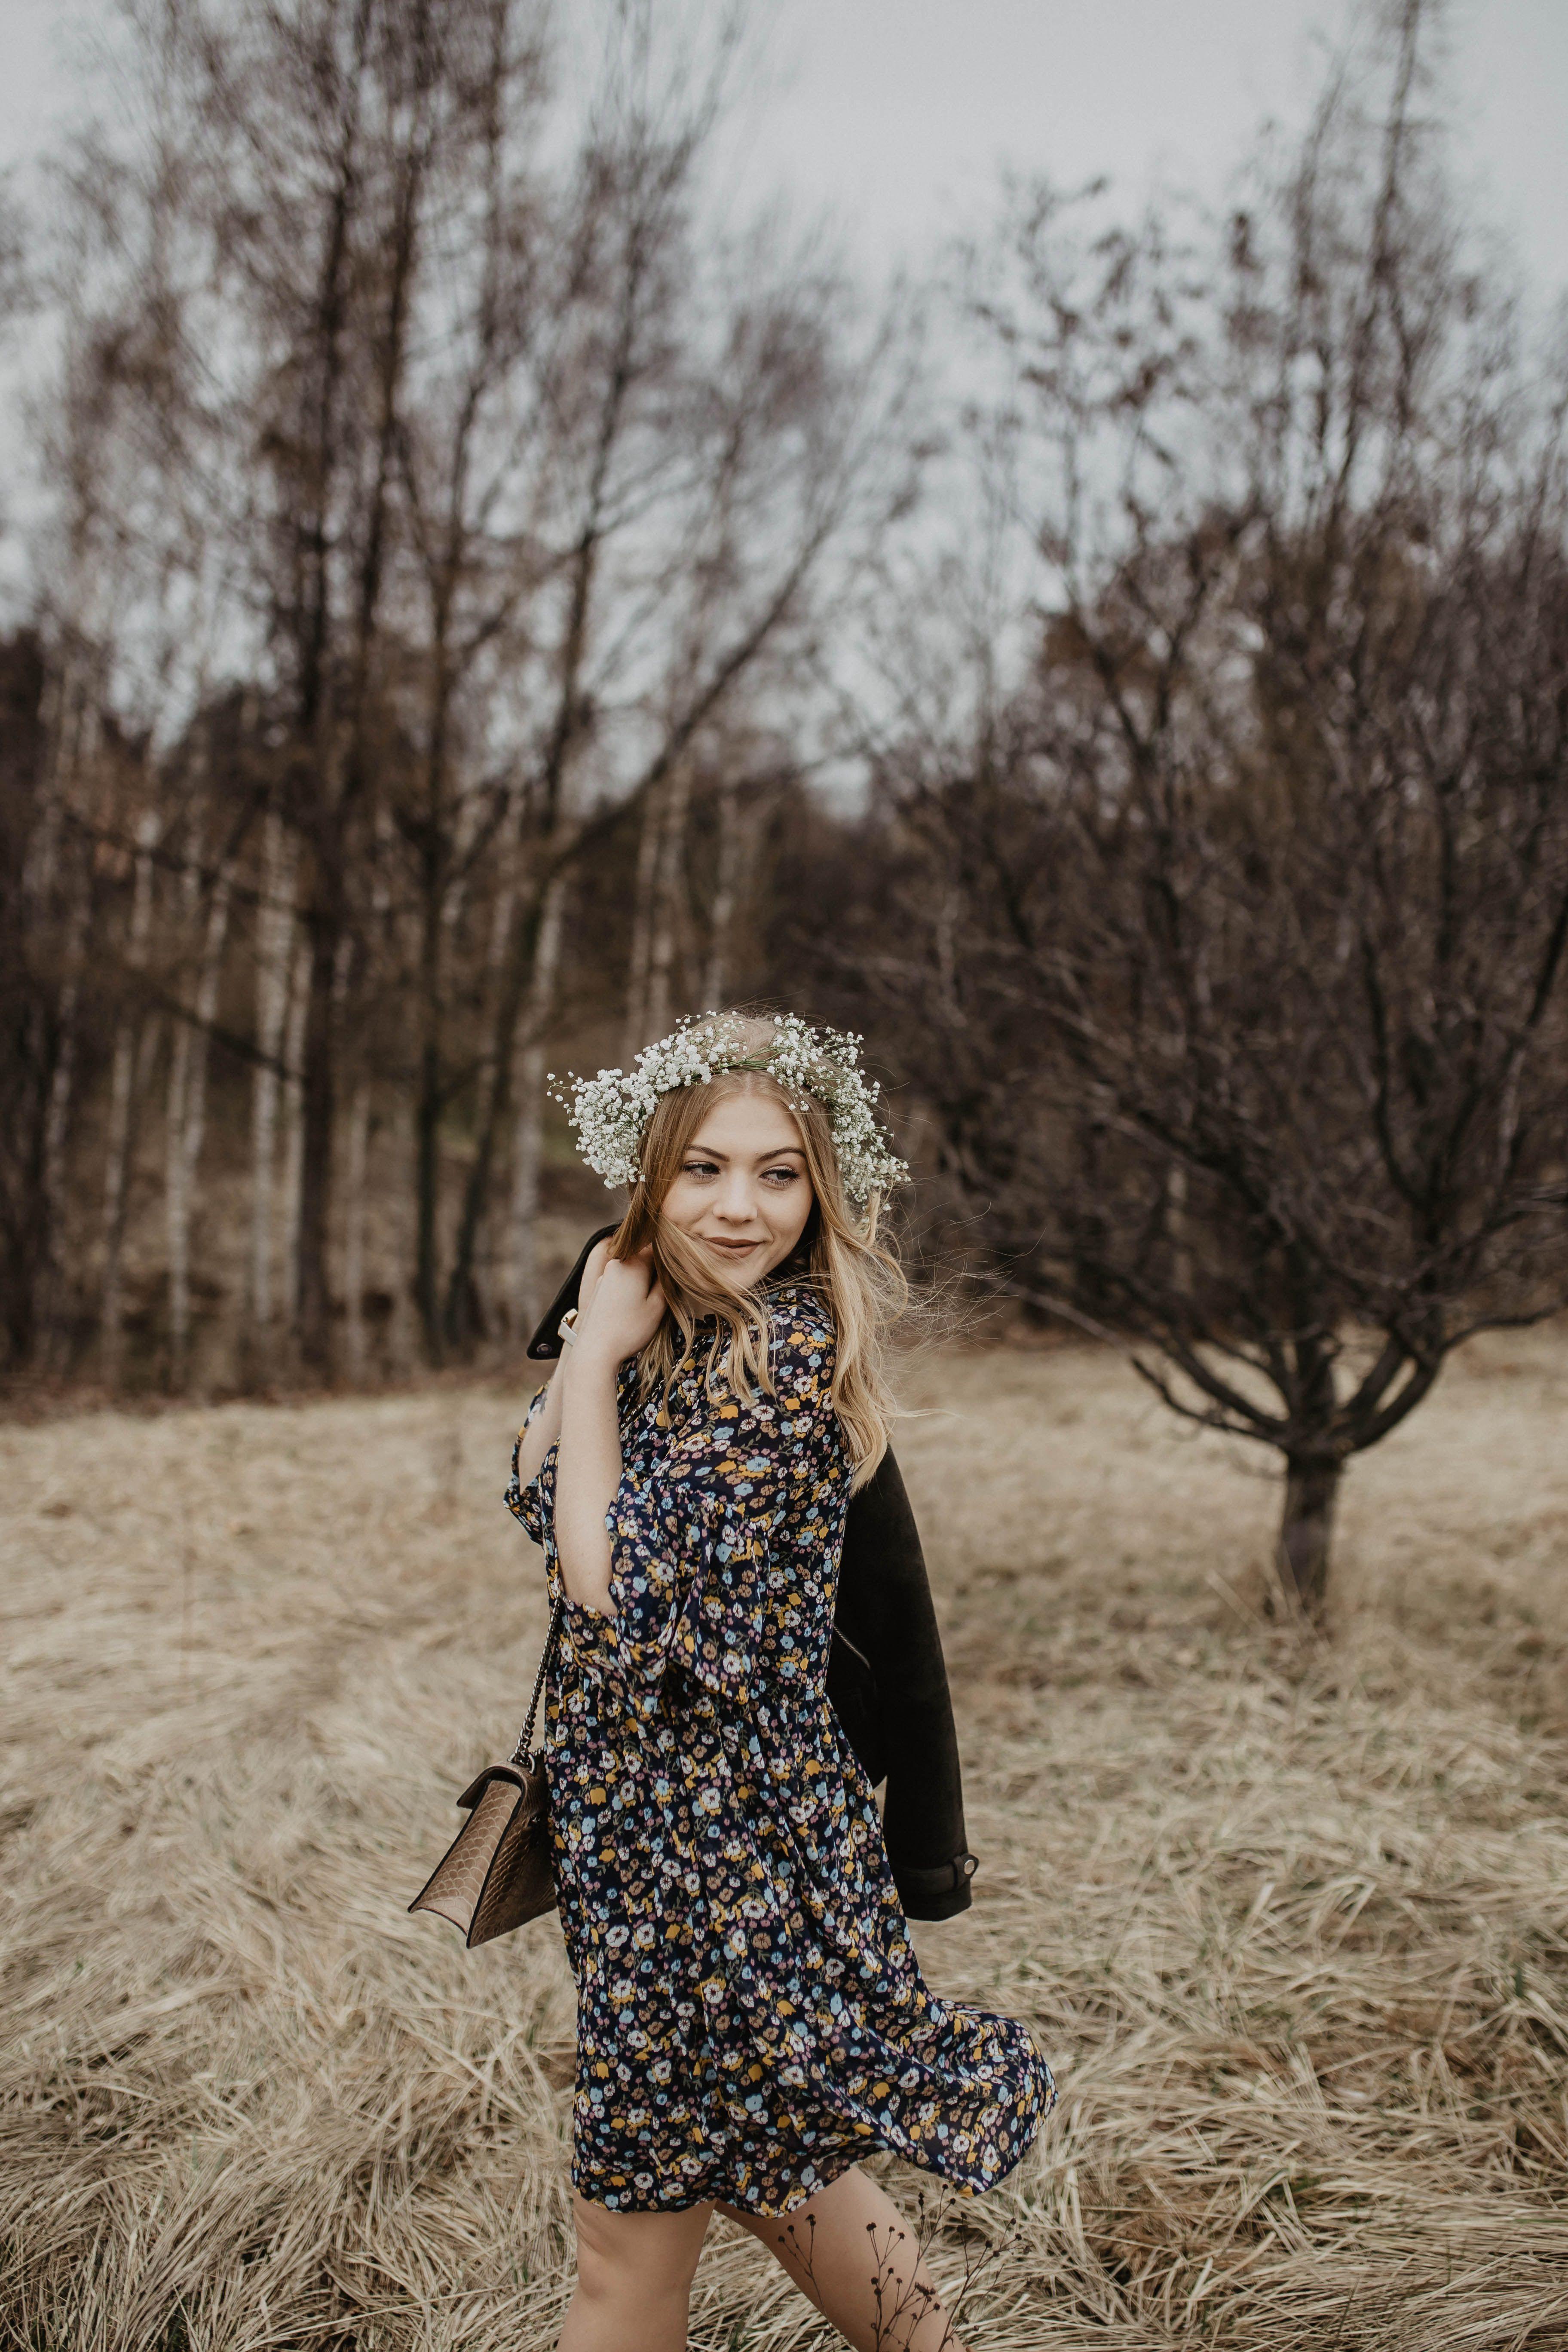 Wiosenna Stylizacja Z Sukienka W Kwiaty Carry Rozalia Fashion Style Vintage